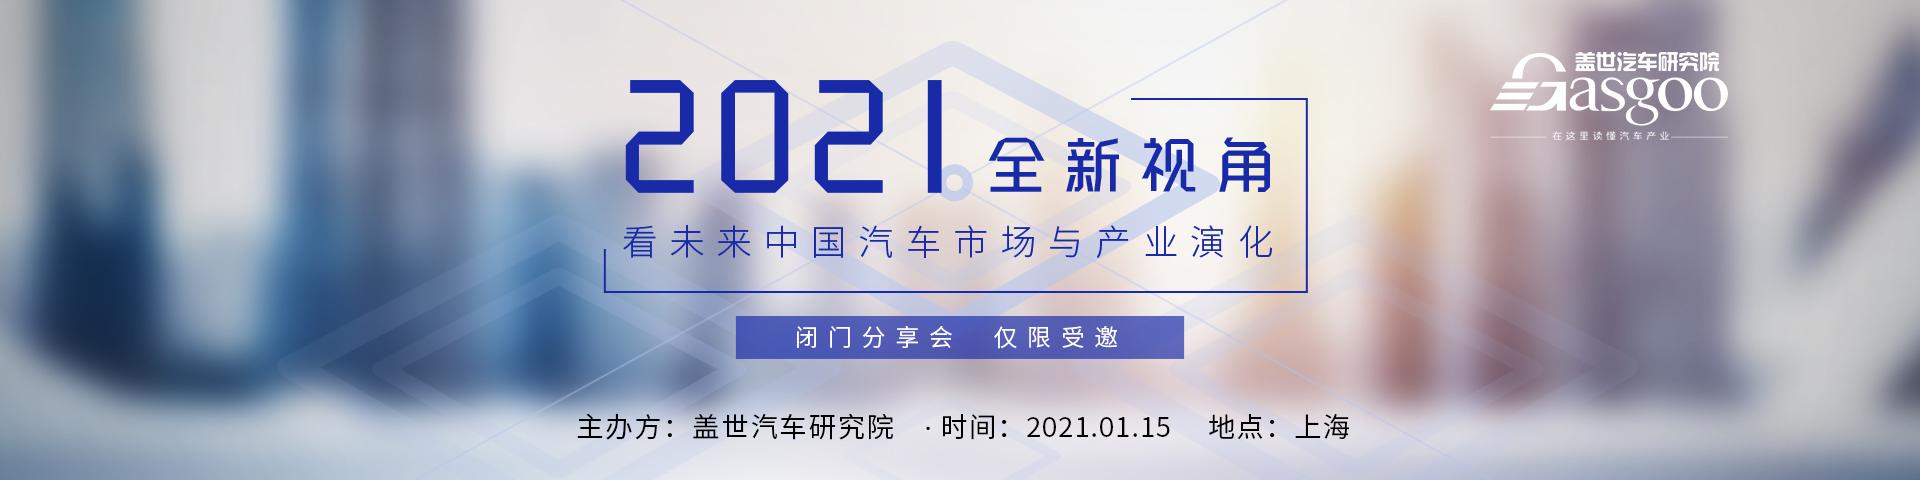 2021全新视角看未来中国汽车市场与产业演化沙龙